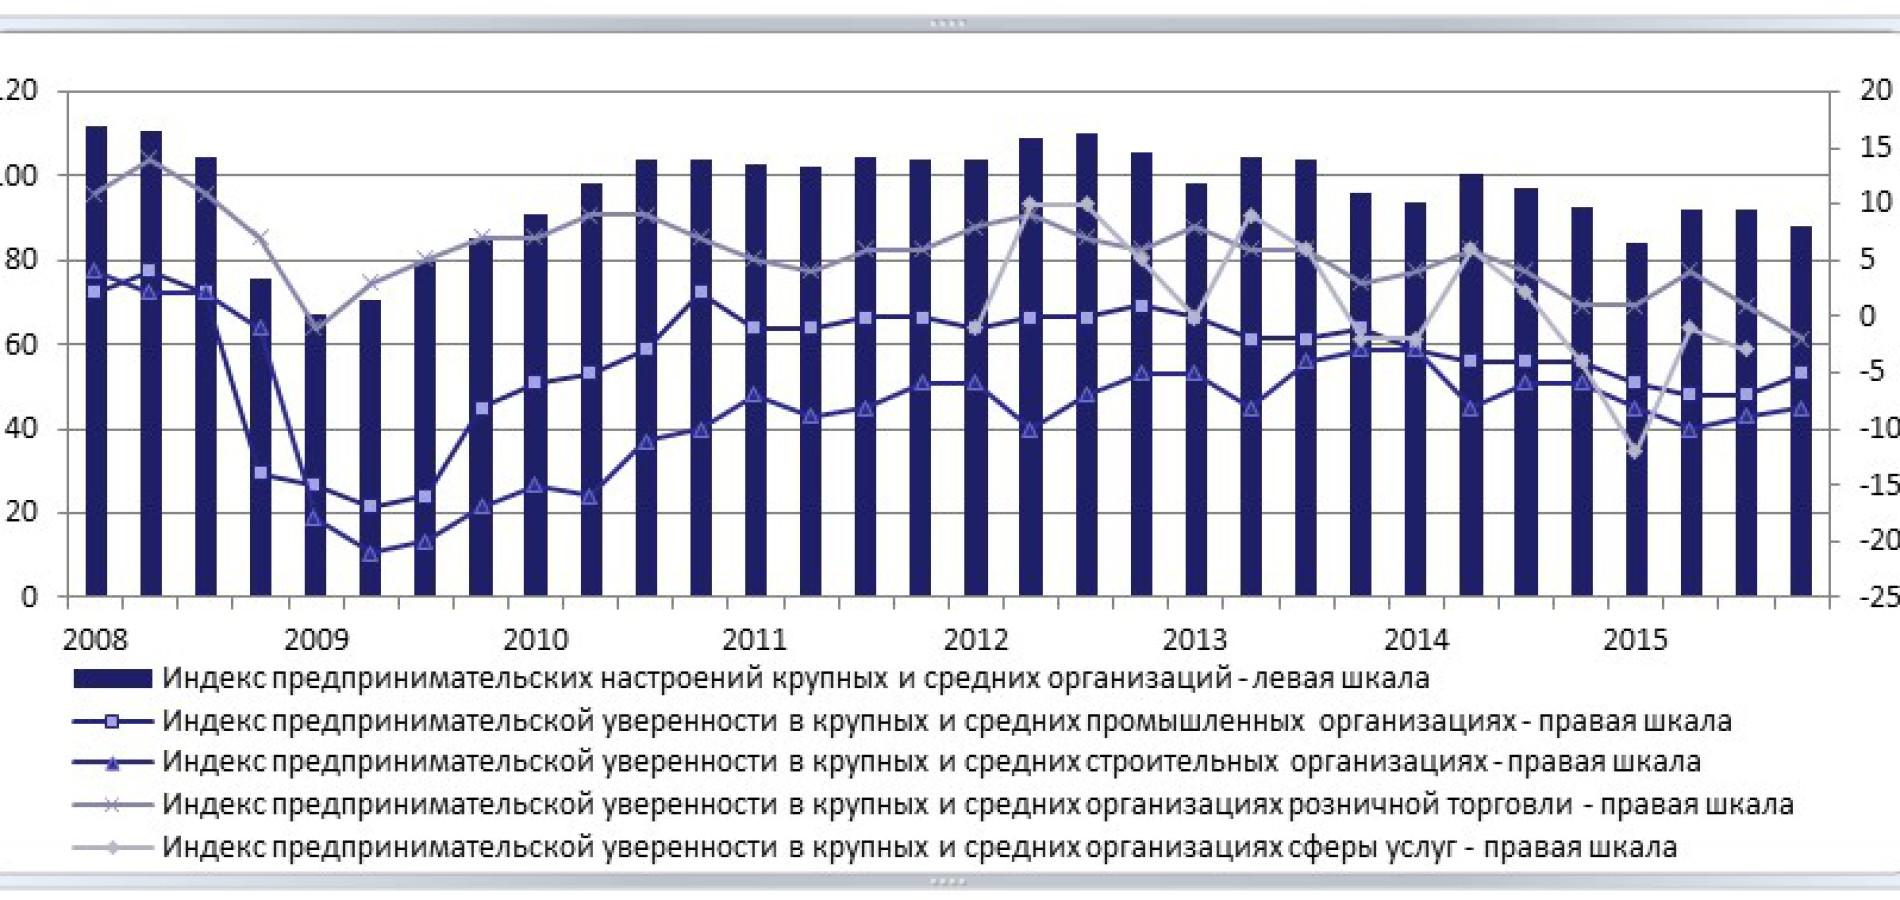 «Барометр предпринимательских настроений» за IV кв. 2015г.